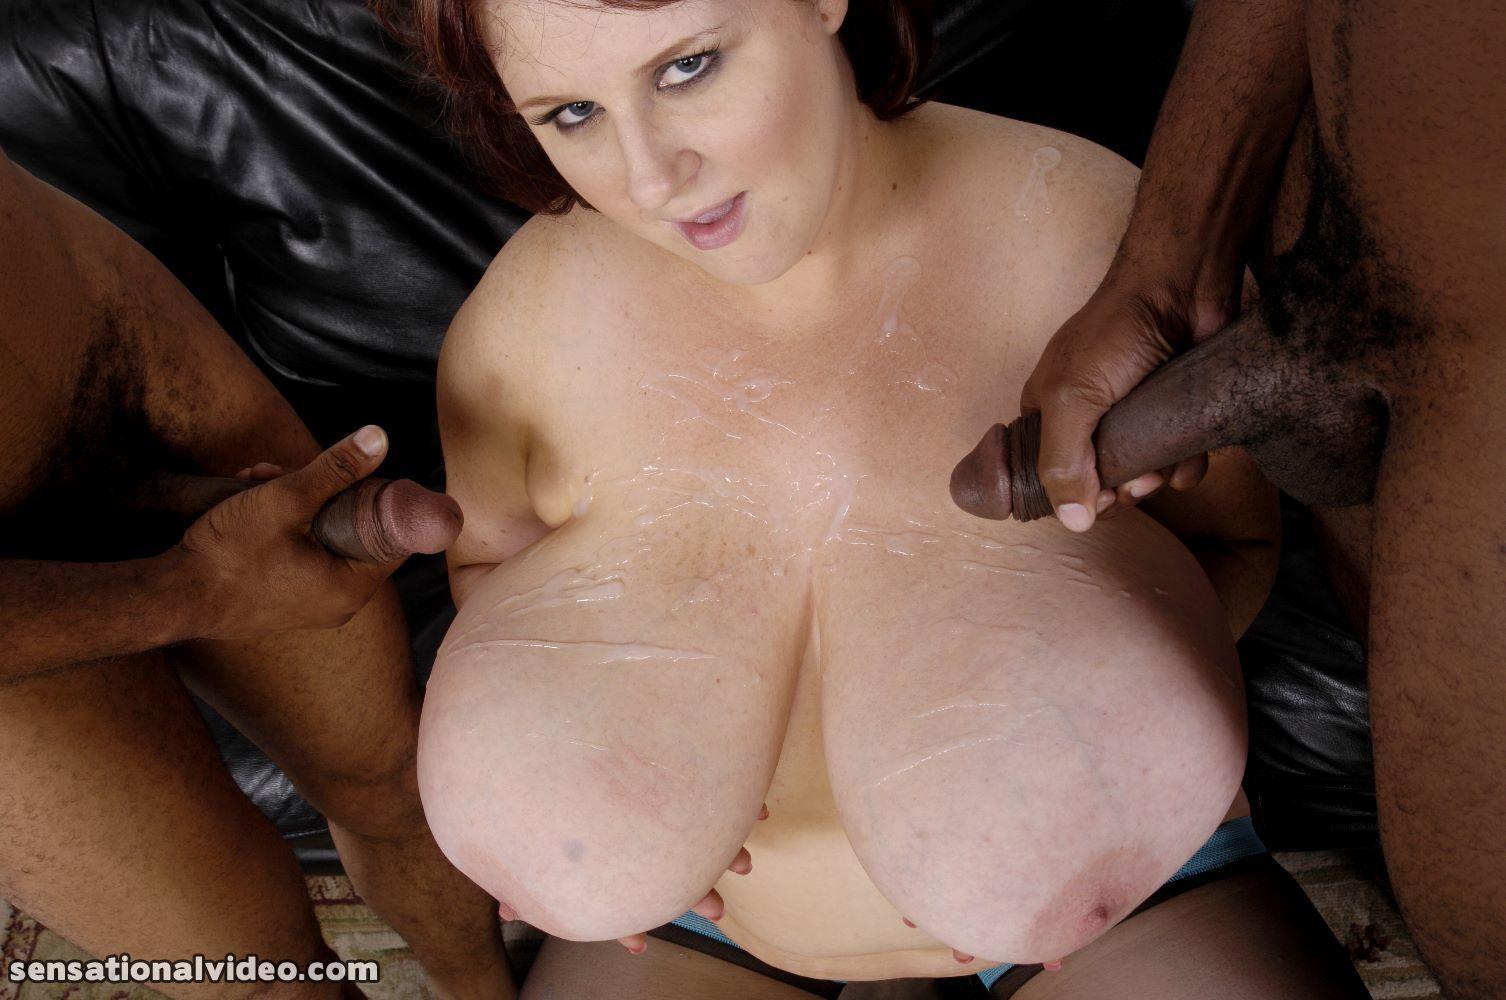 bbw huge boobs pics